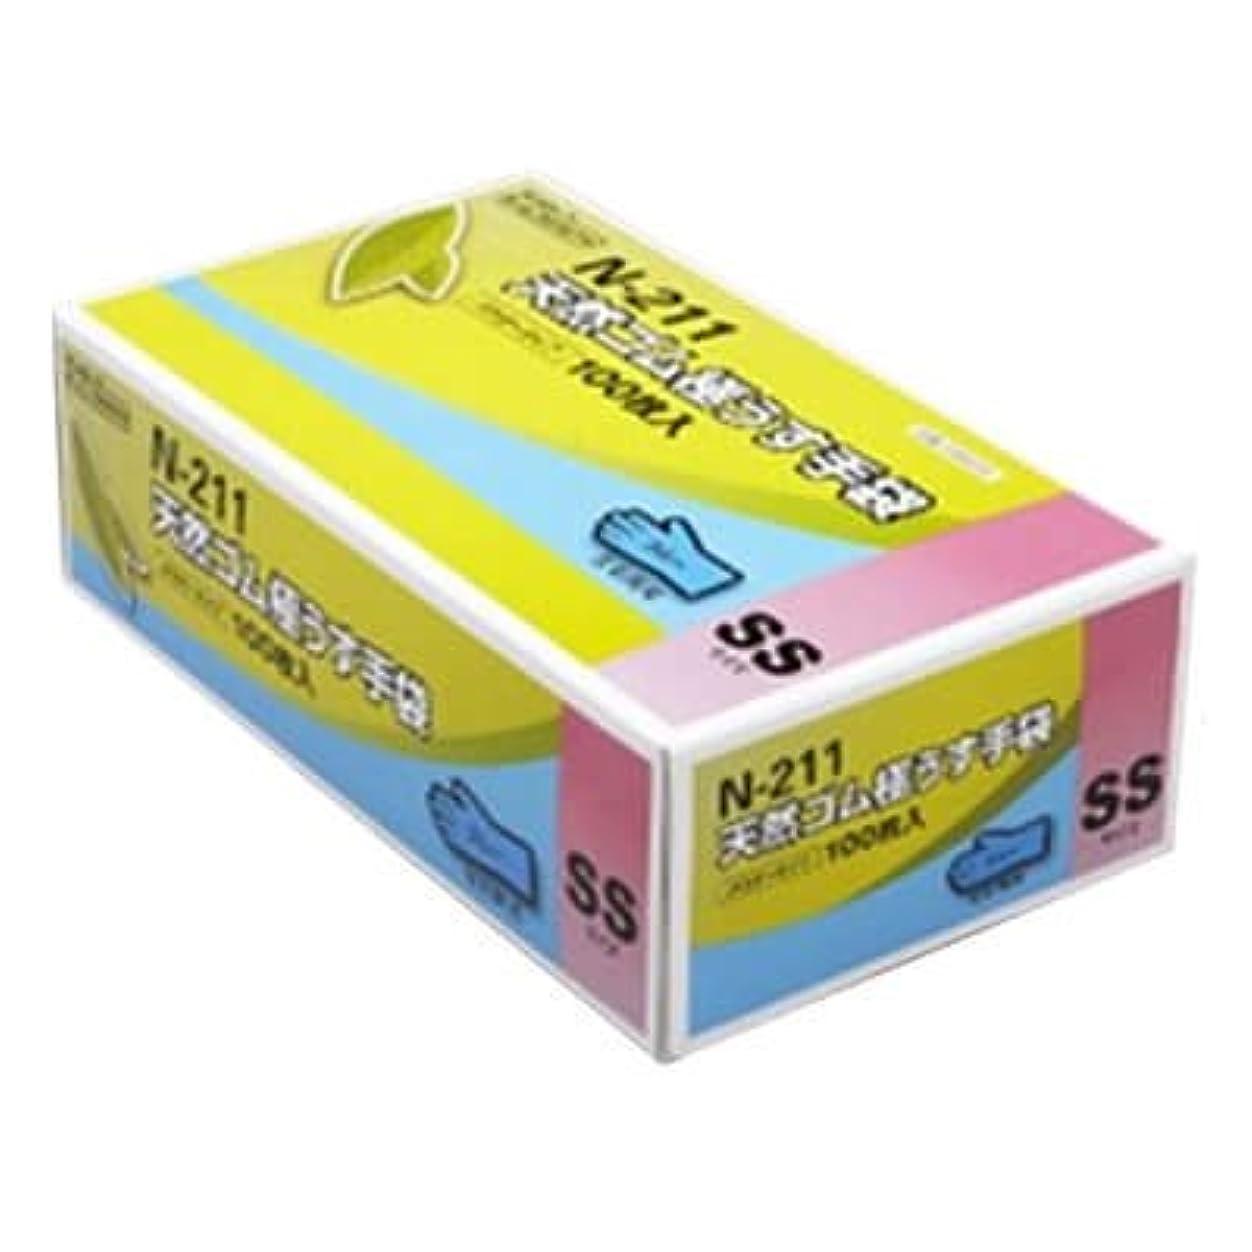 レオナルドダ花嫁影響する【ケース販売】 ダンロップ 天然ゴム極うす手袋 N-211 SS ブルー (100枚入×20箱)